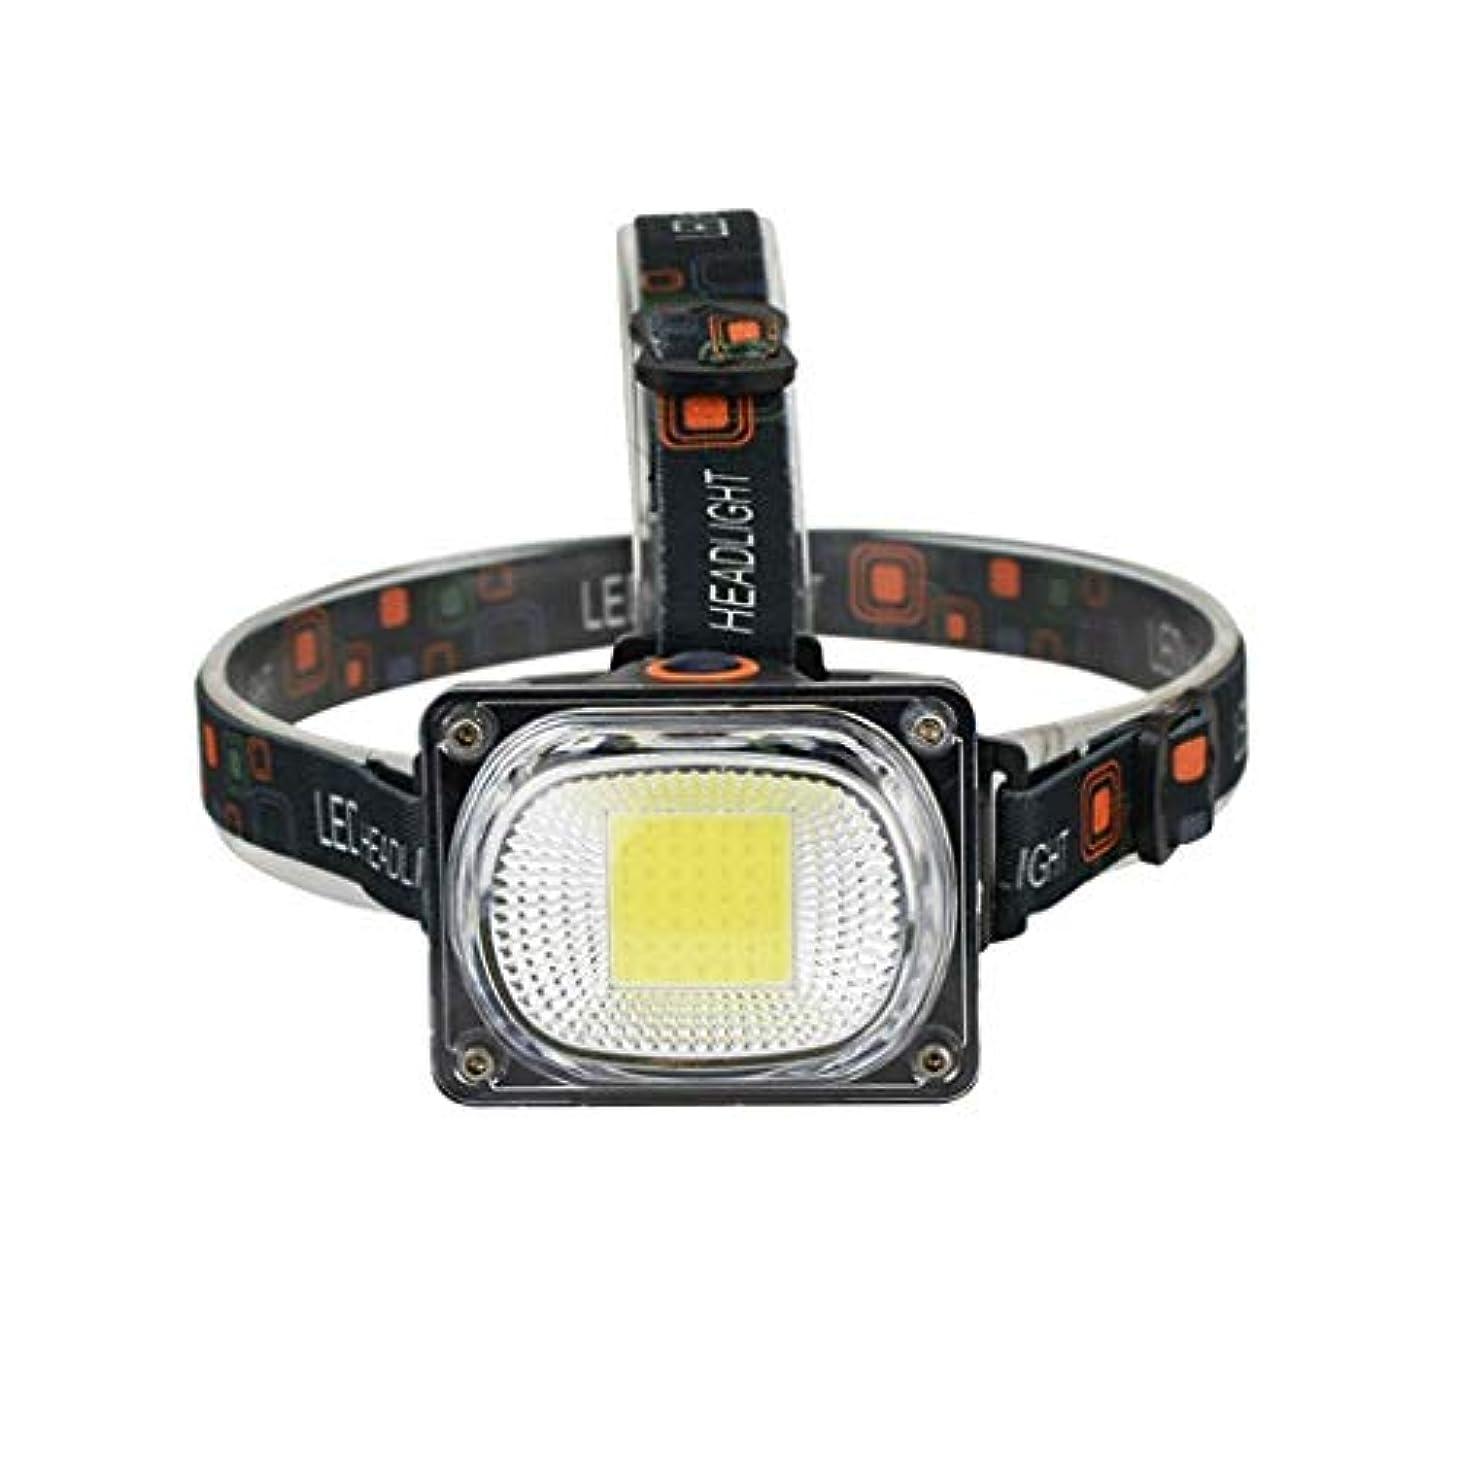 配管工。取り壊すDaQingYuntur 防水ヘッドライト、多目的ライト、強い光の照射、ハイライティングビーズ、充電式ヘッドライト、3種類のライティングモードヘルメットライト - キャンプランニングに最適